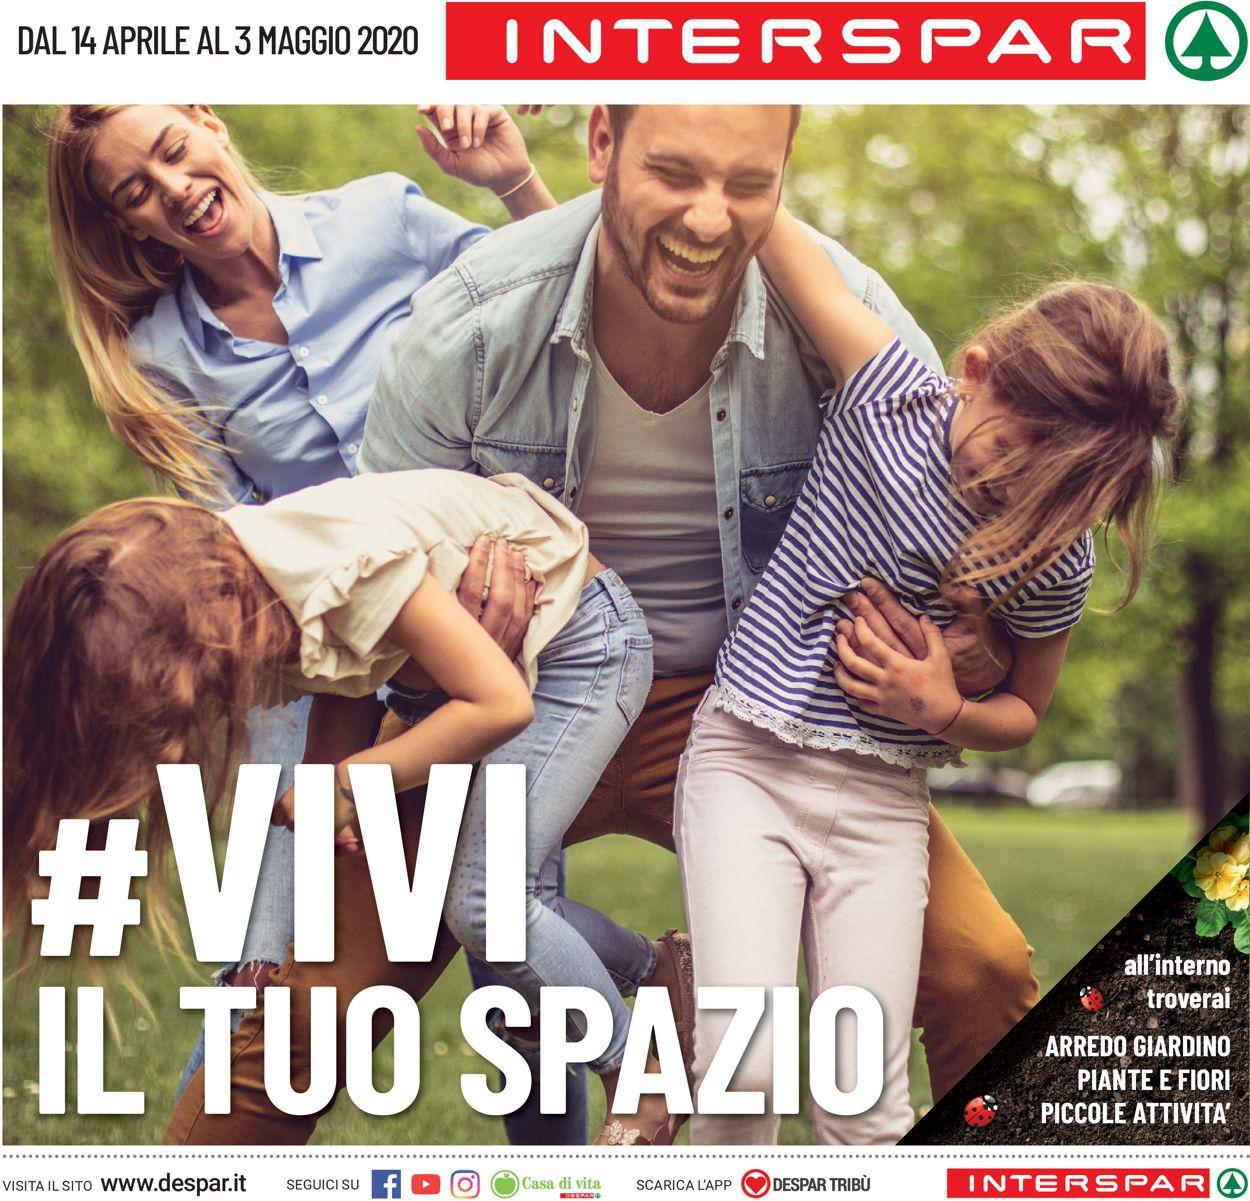 Volantino Interspar - Offerte 14/04-03/05/2020